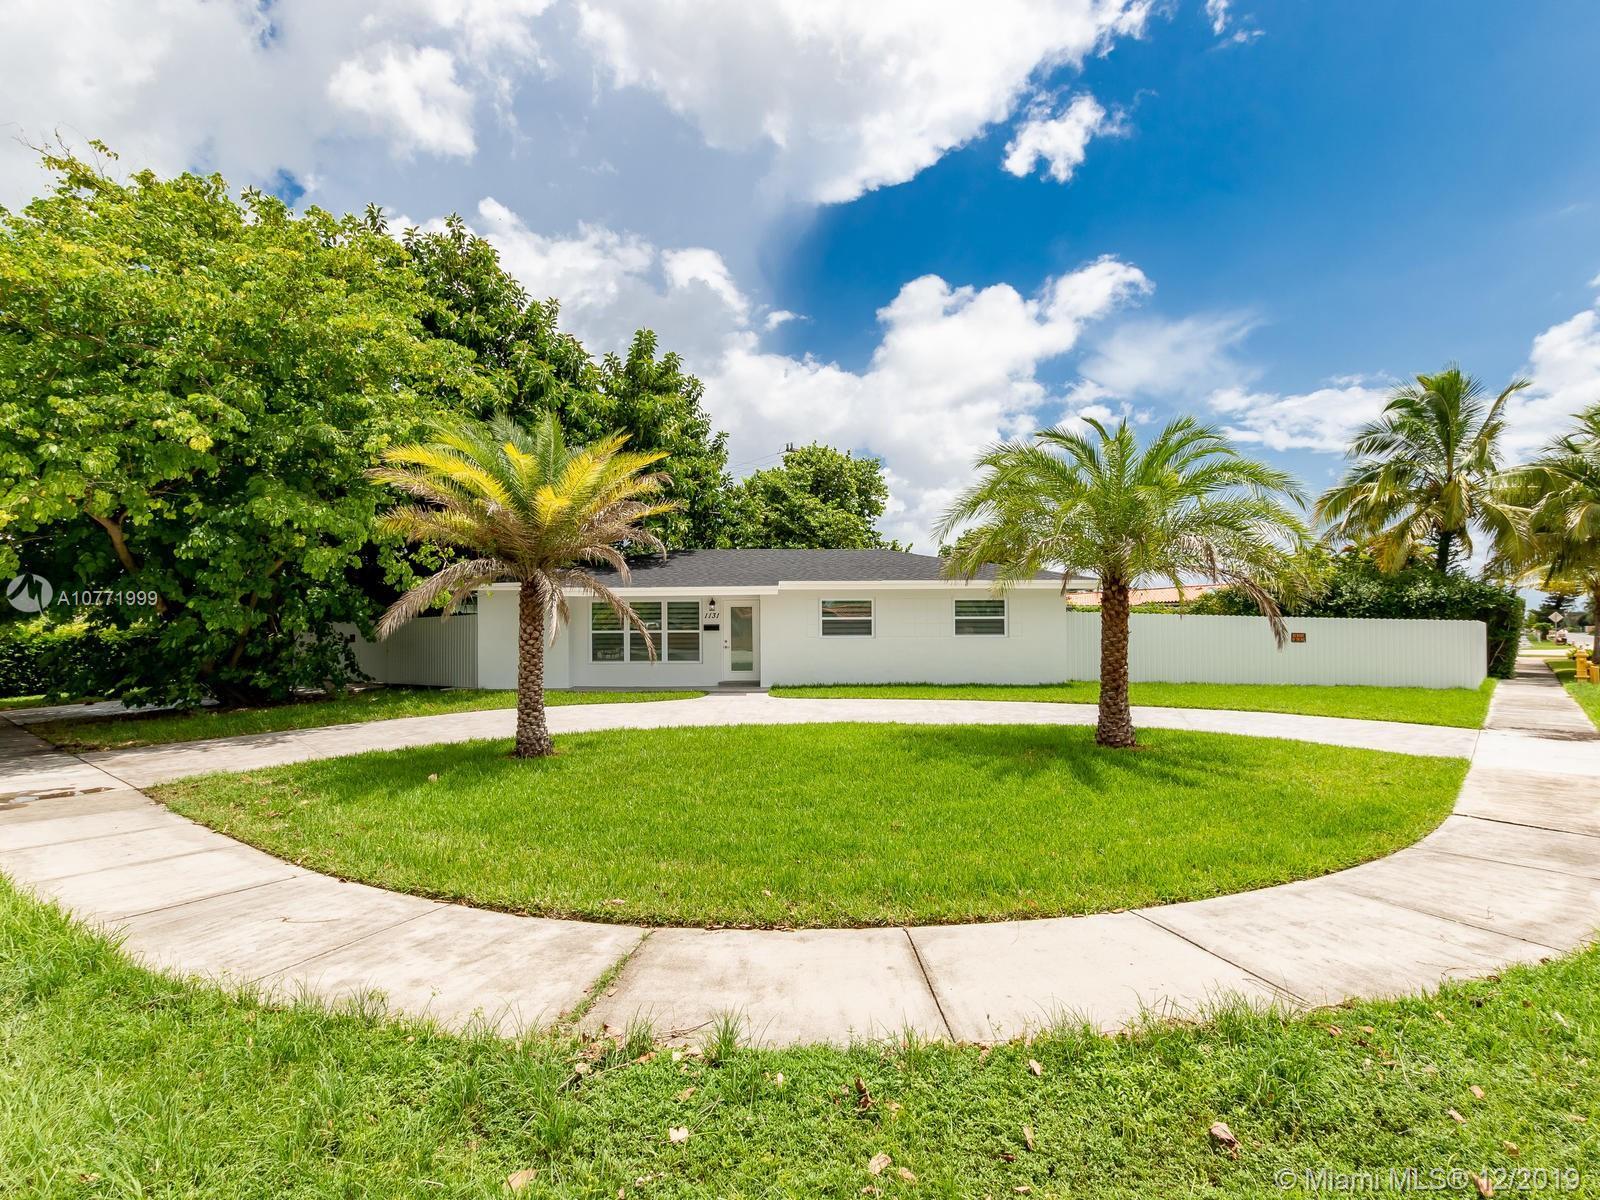 1131 SW 93 PL, Miami, FL 33174